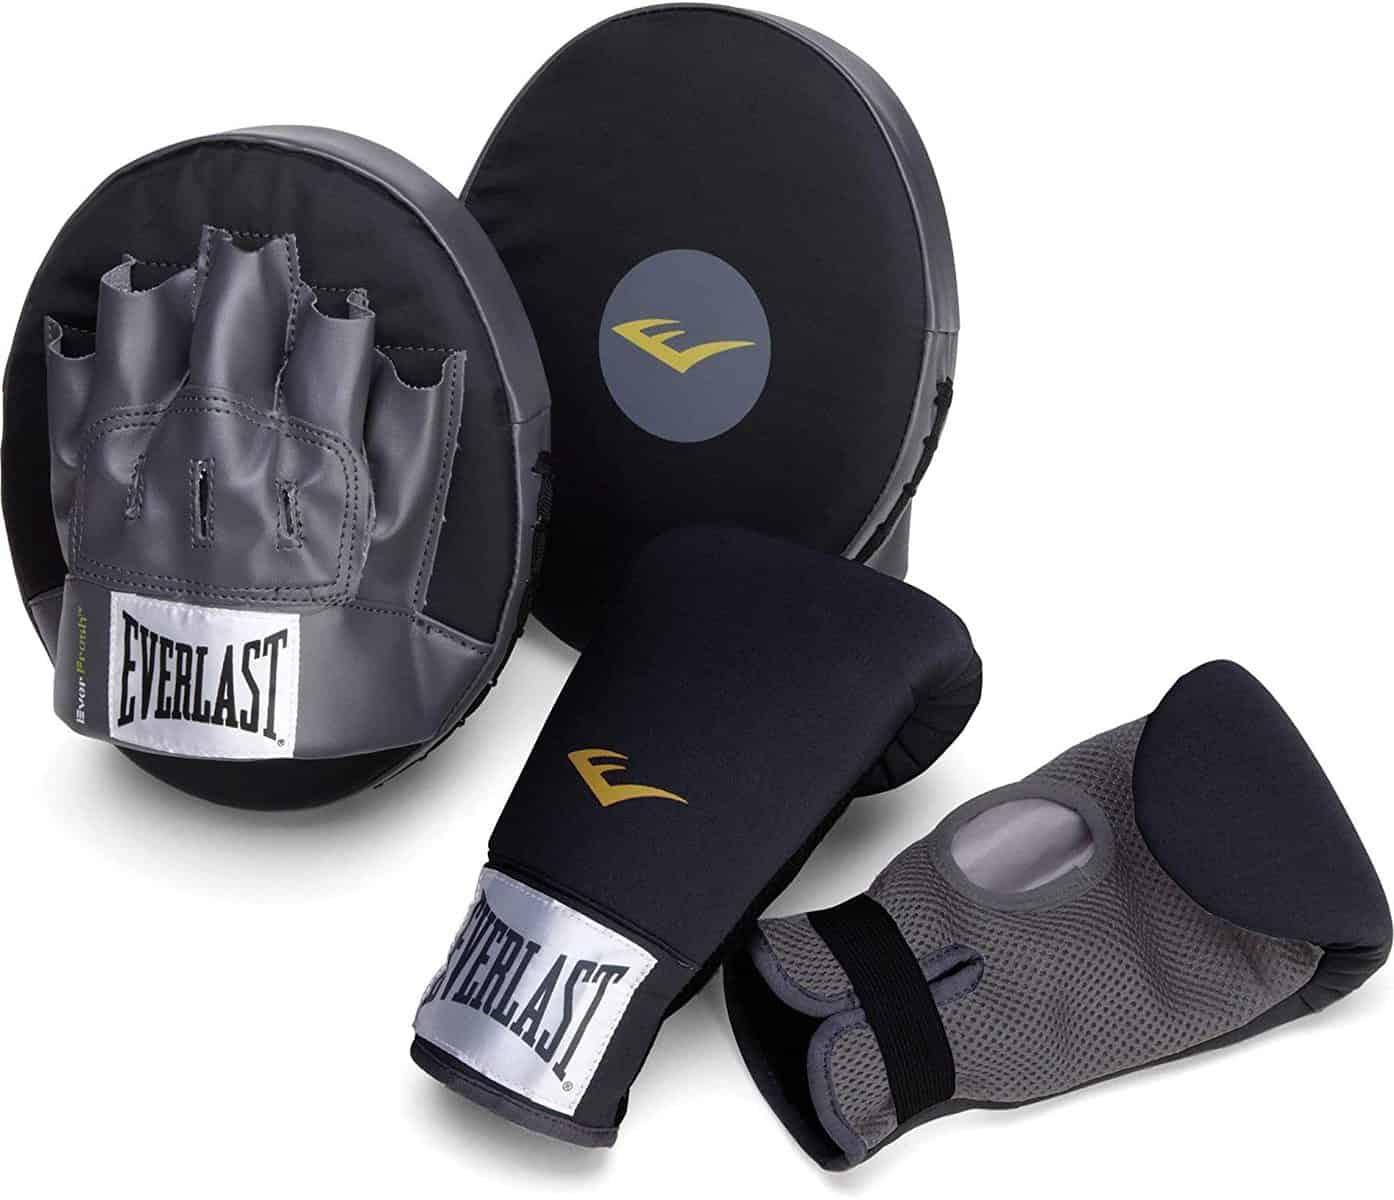 Everlast 3010 Boxing Fitness Kit